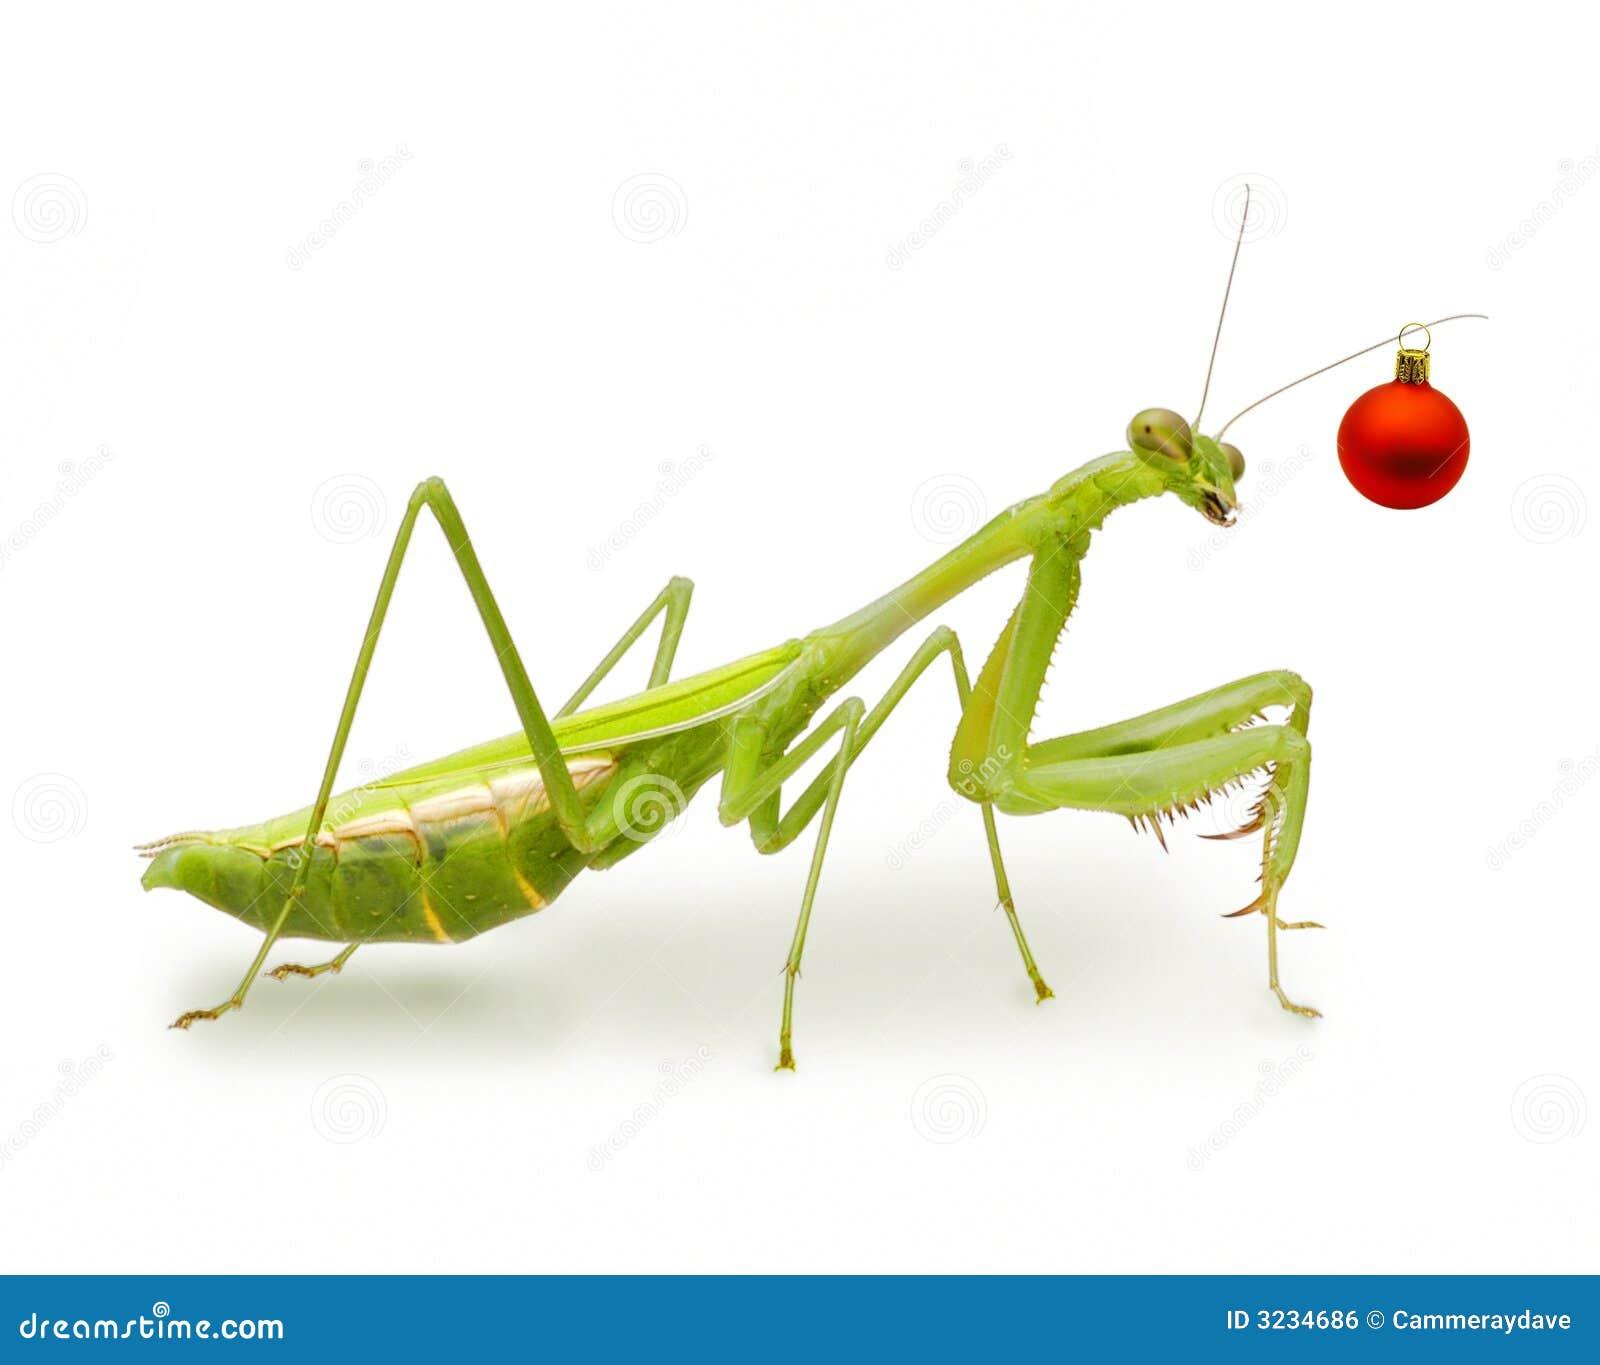 Praying Mantis Christmas Tree